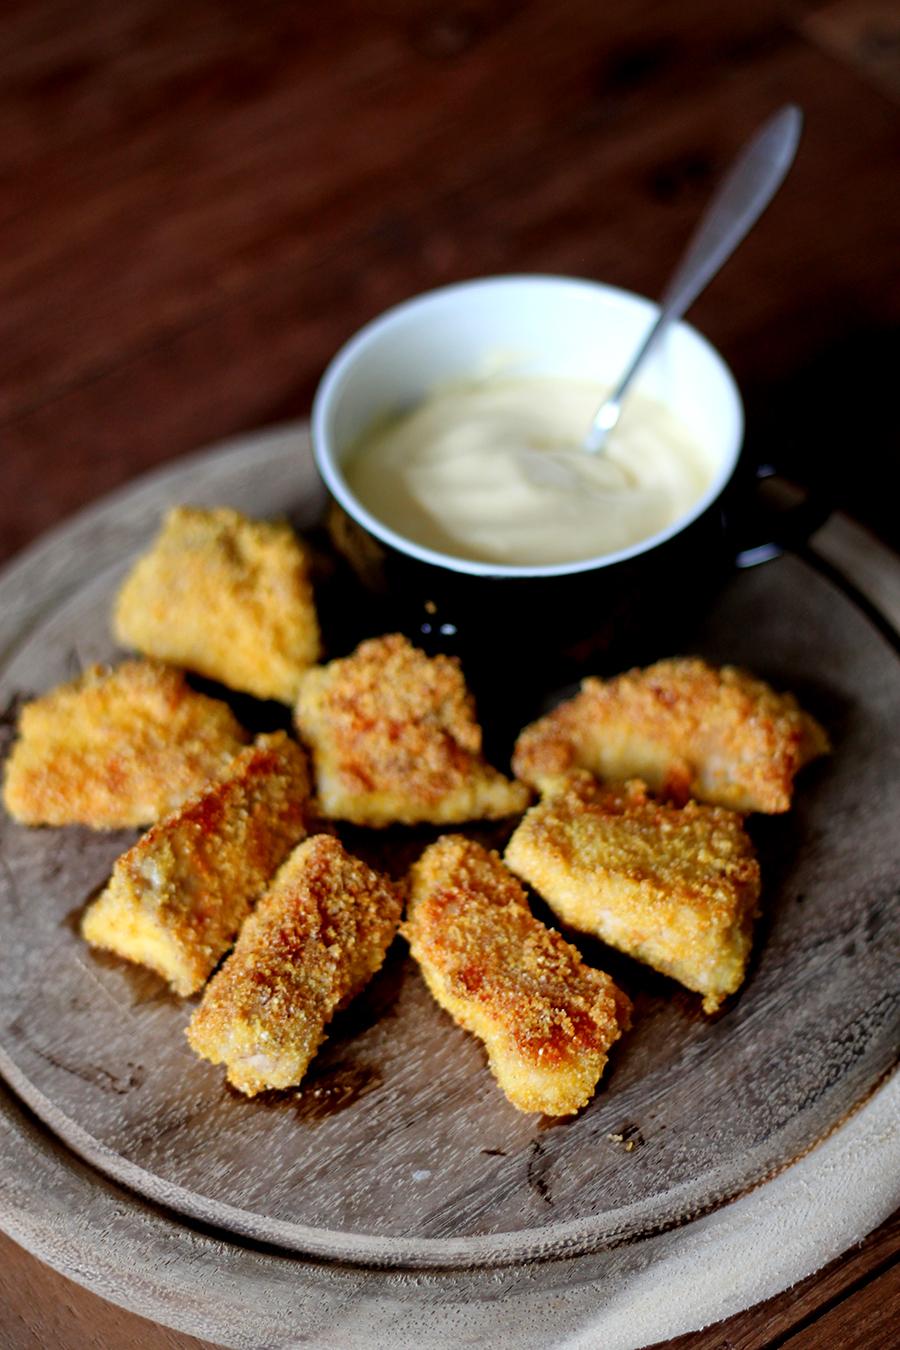 gezonde kipnuggets, snacken op vrijdag, gezonde snacks